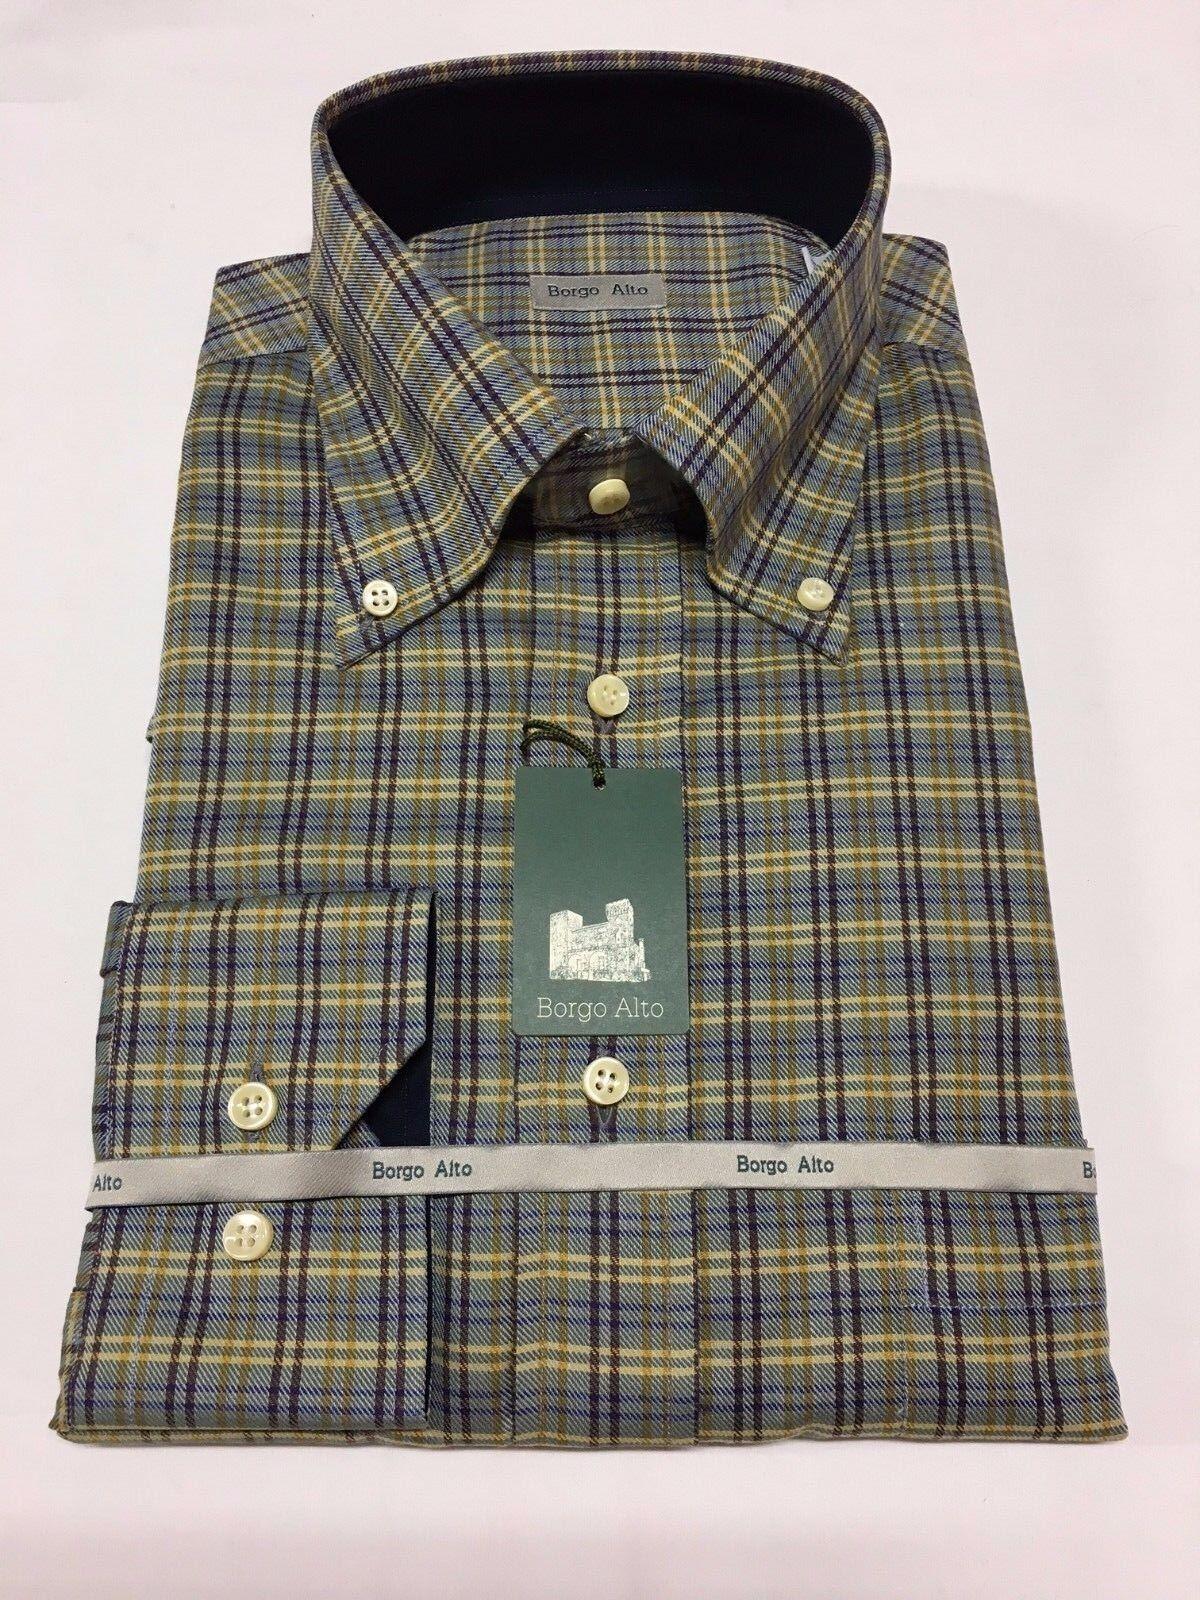 Borgo Alto Camisa de Hombre Franela Luz  Celeste Oscuro Azul Amarillo 100%  ventas de salida